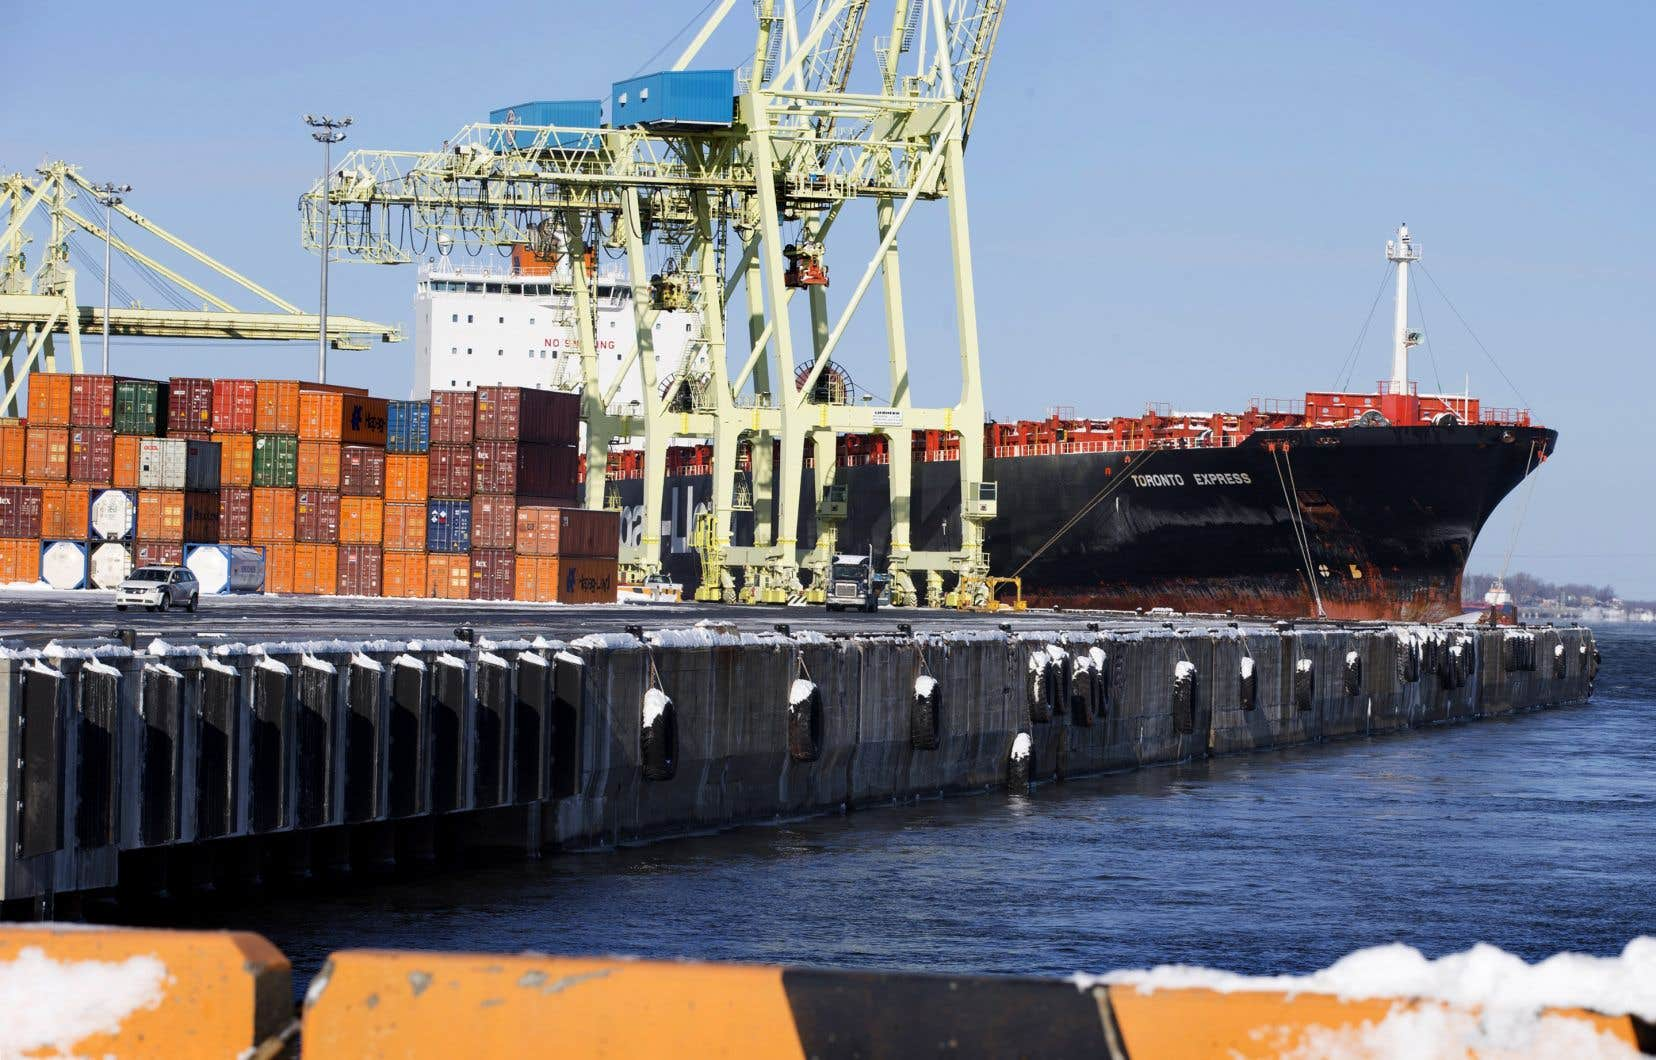 Le projet du Port de Montréal, qui est évalué à 750 à 950millions de dollars, a été qualifié mercredi d'«écoresponsable» par le gouvernement fédéral.